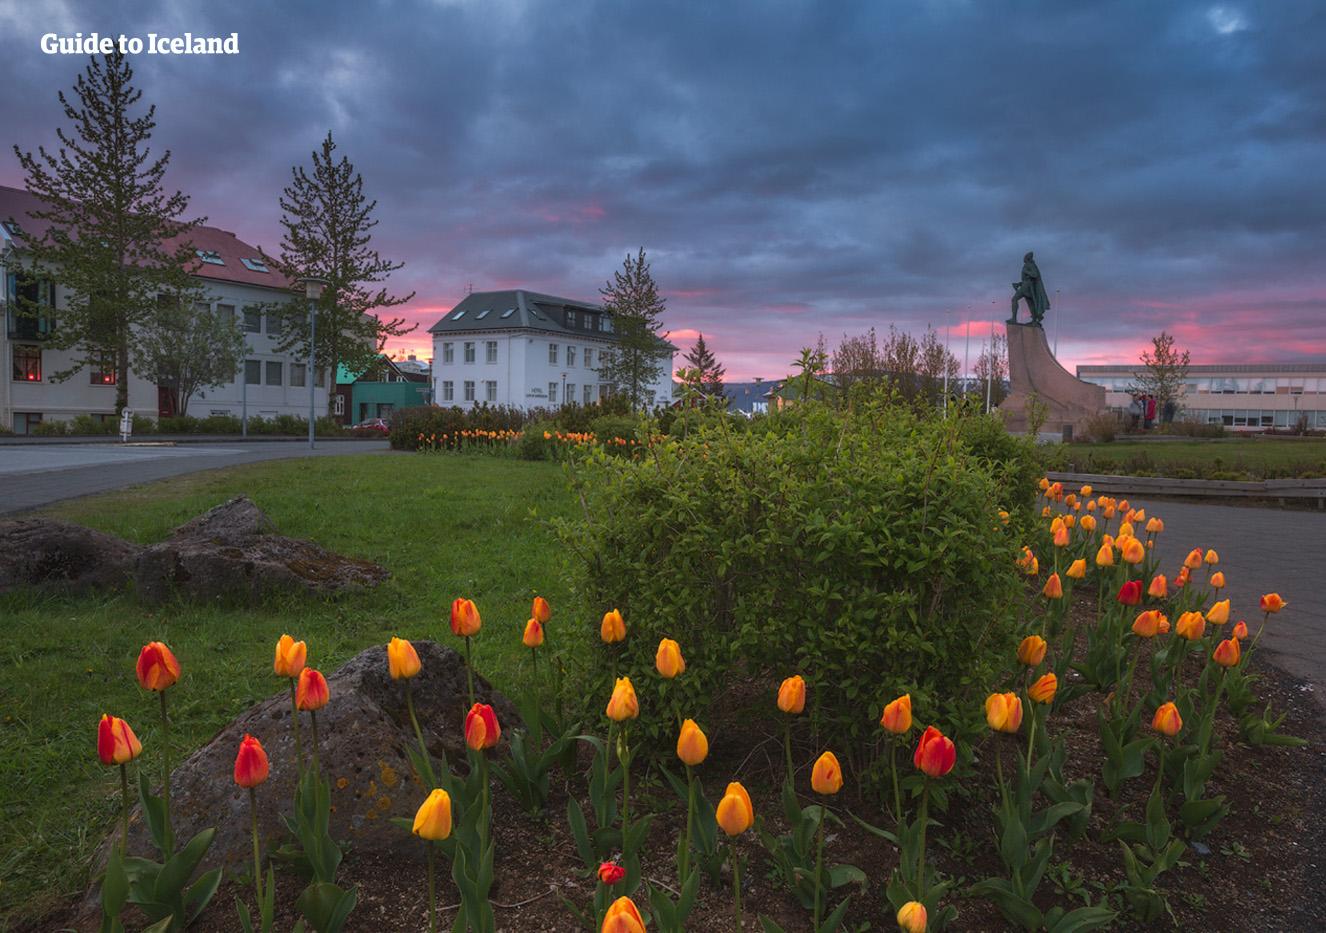 Flowers blooming in Reykjavik in summer.